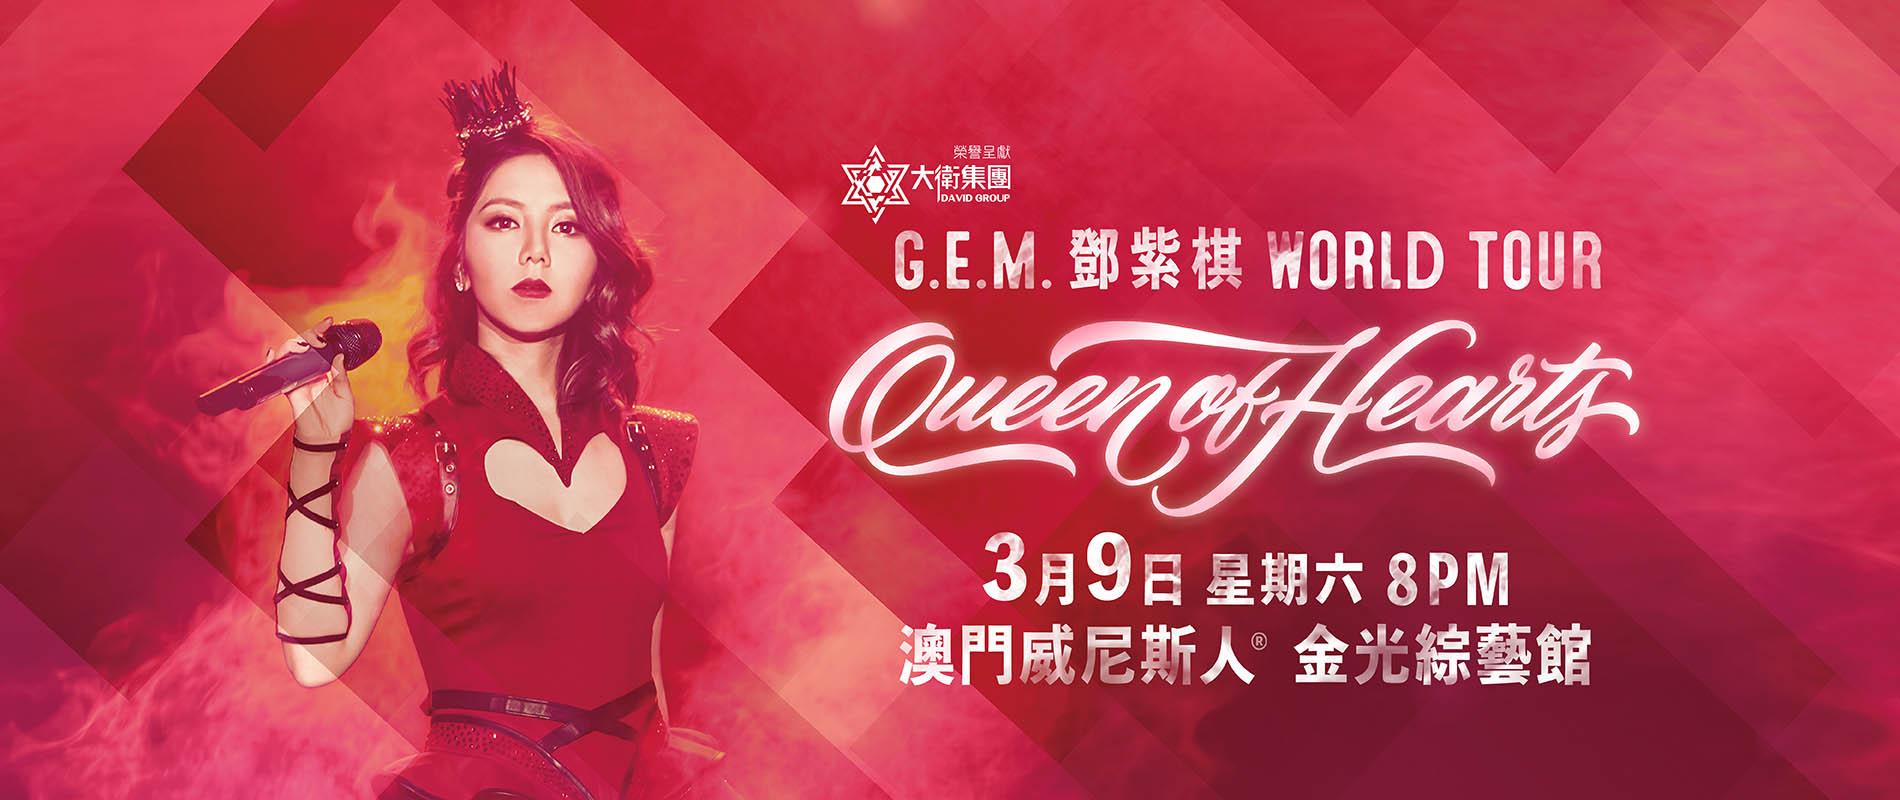 G.E.M. 鄧紫棋QUEEN OF HEARTS 世界巡回演唱會- 澳門威尼斯人金光綜藝館